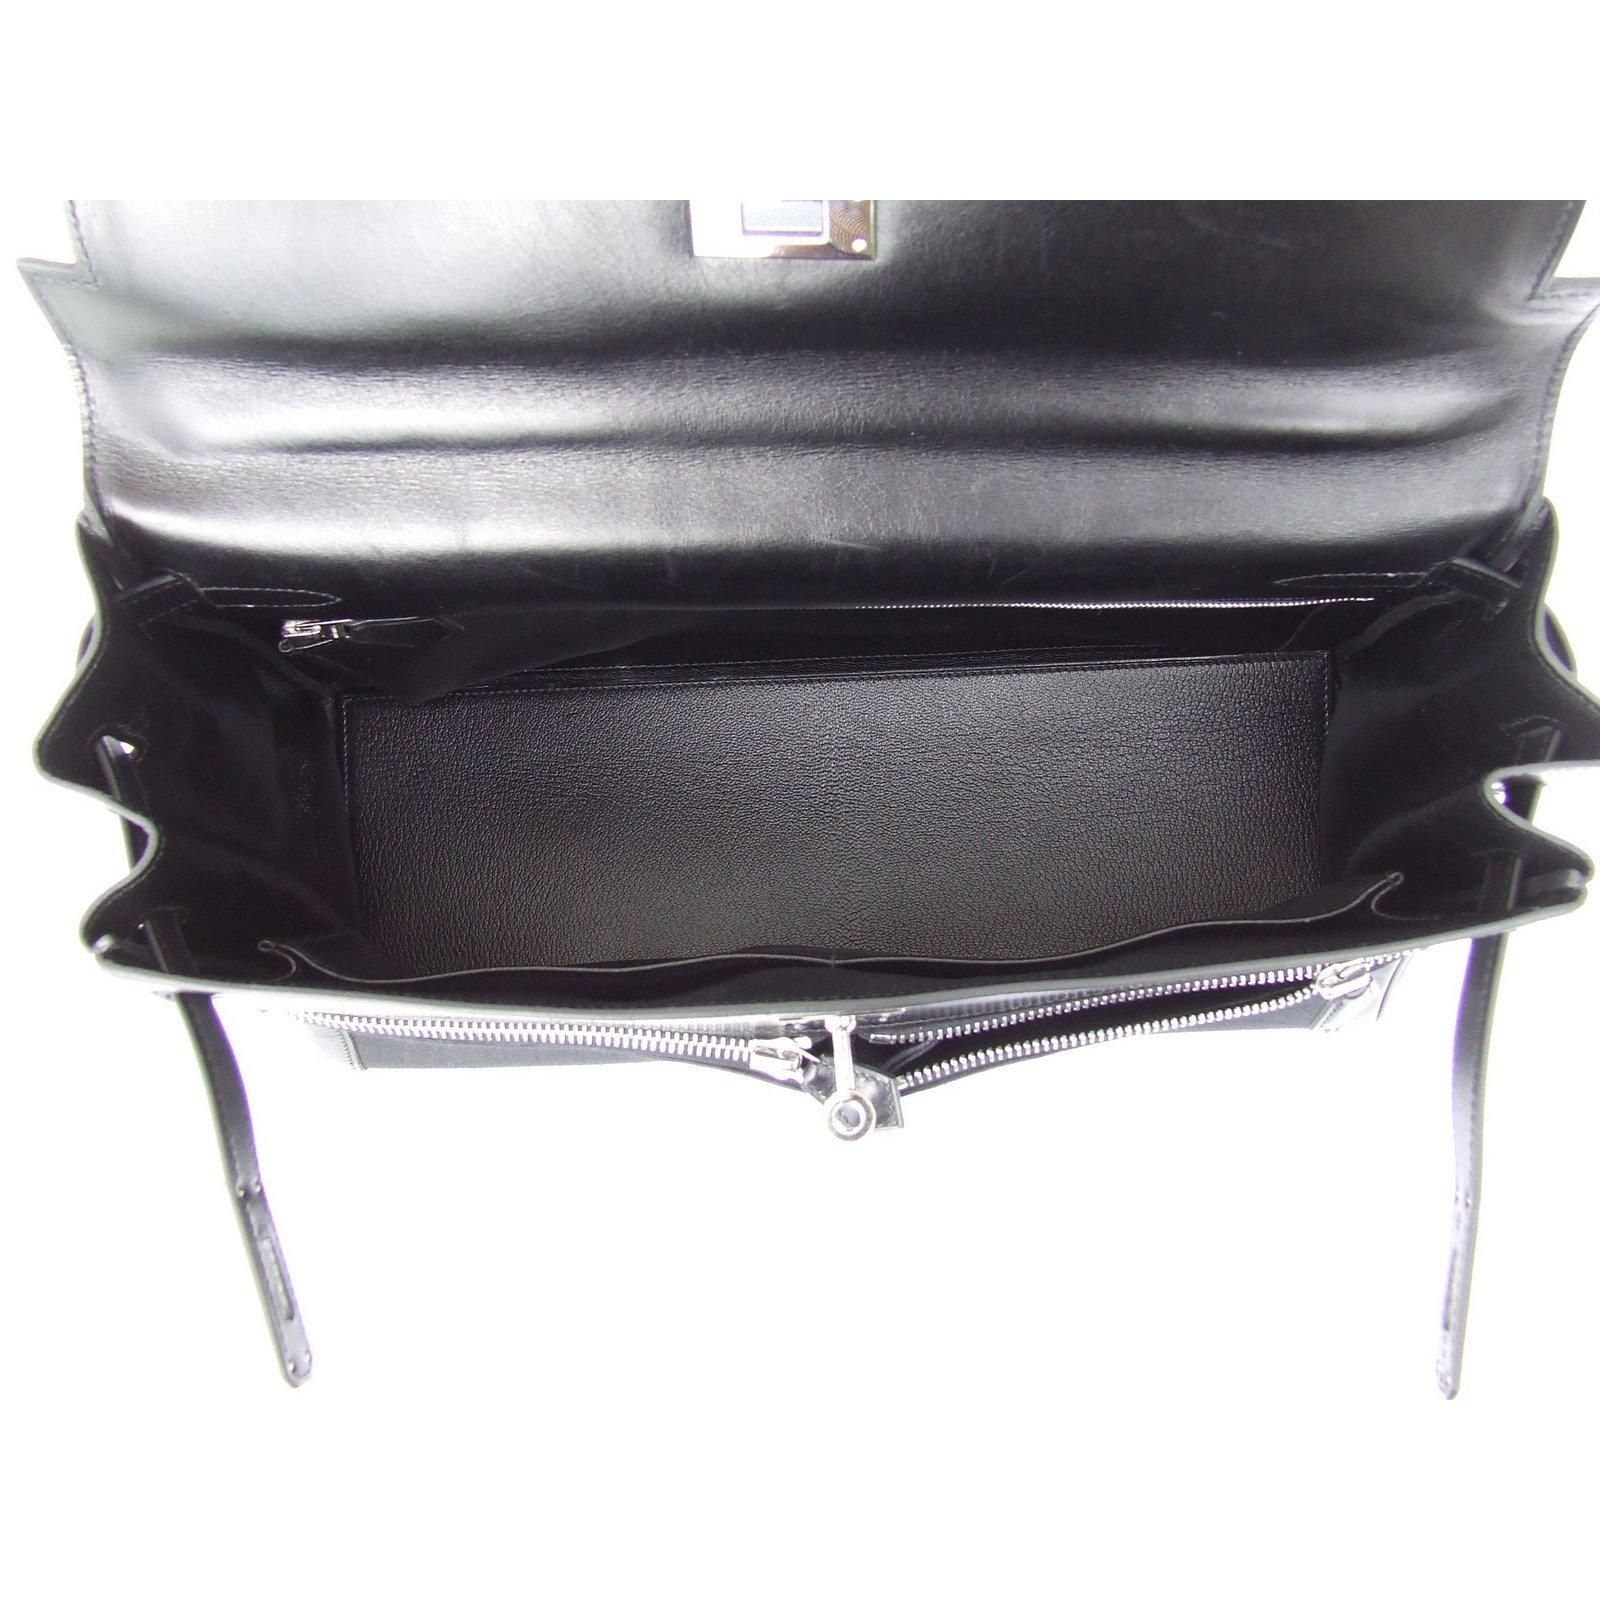 7dcb723de6 Sacs à main Hermès Sac à main Hermès Kelly Lakis Toile et cuir Noir Phw 35  cm Toile Noir ref.65166 - Joli Closet